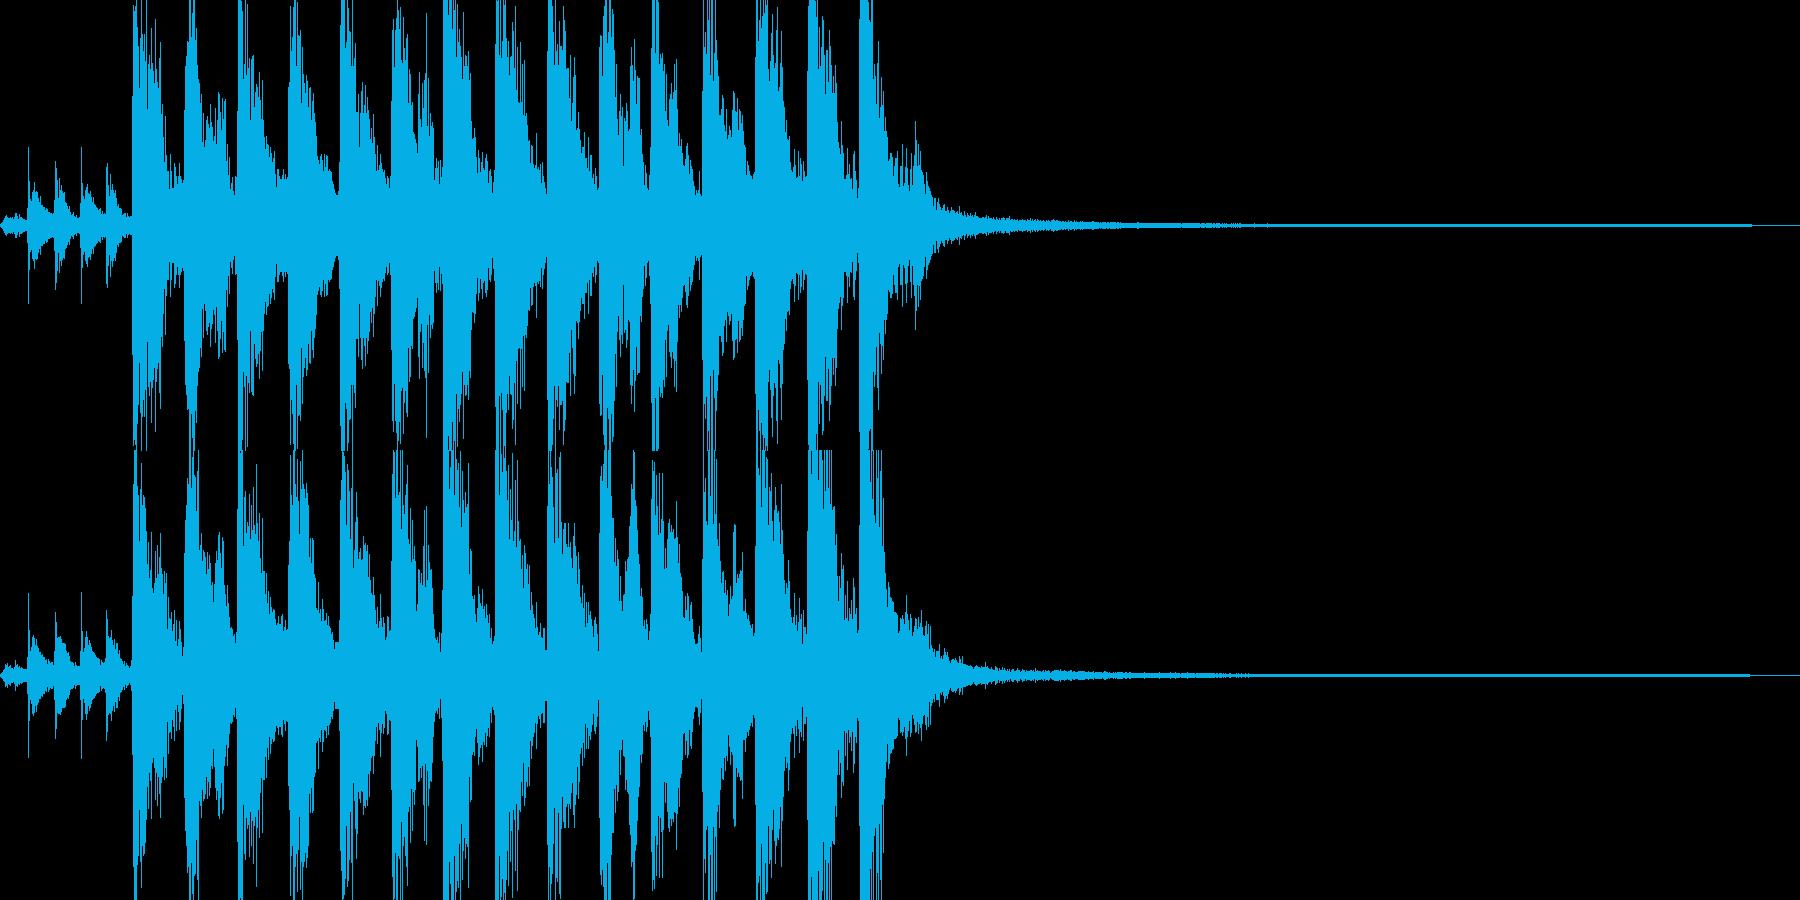 そそくさと展開するポップスジングルの再生済みの波形